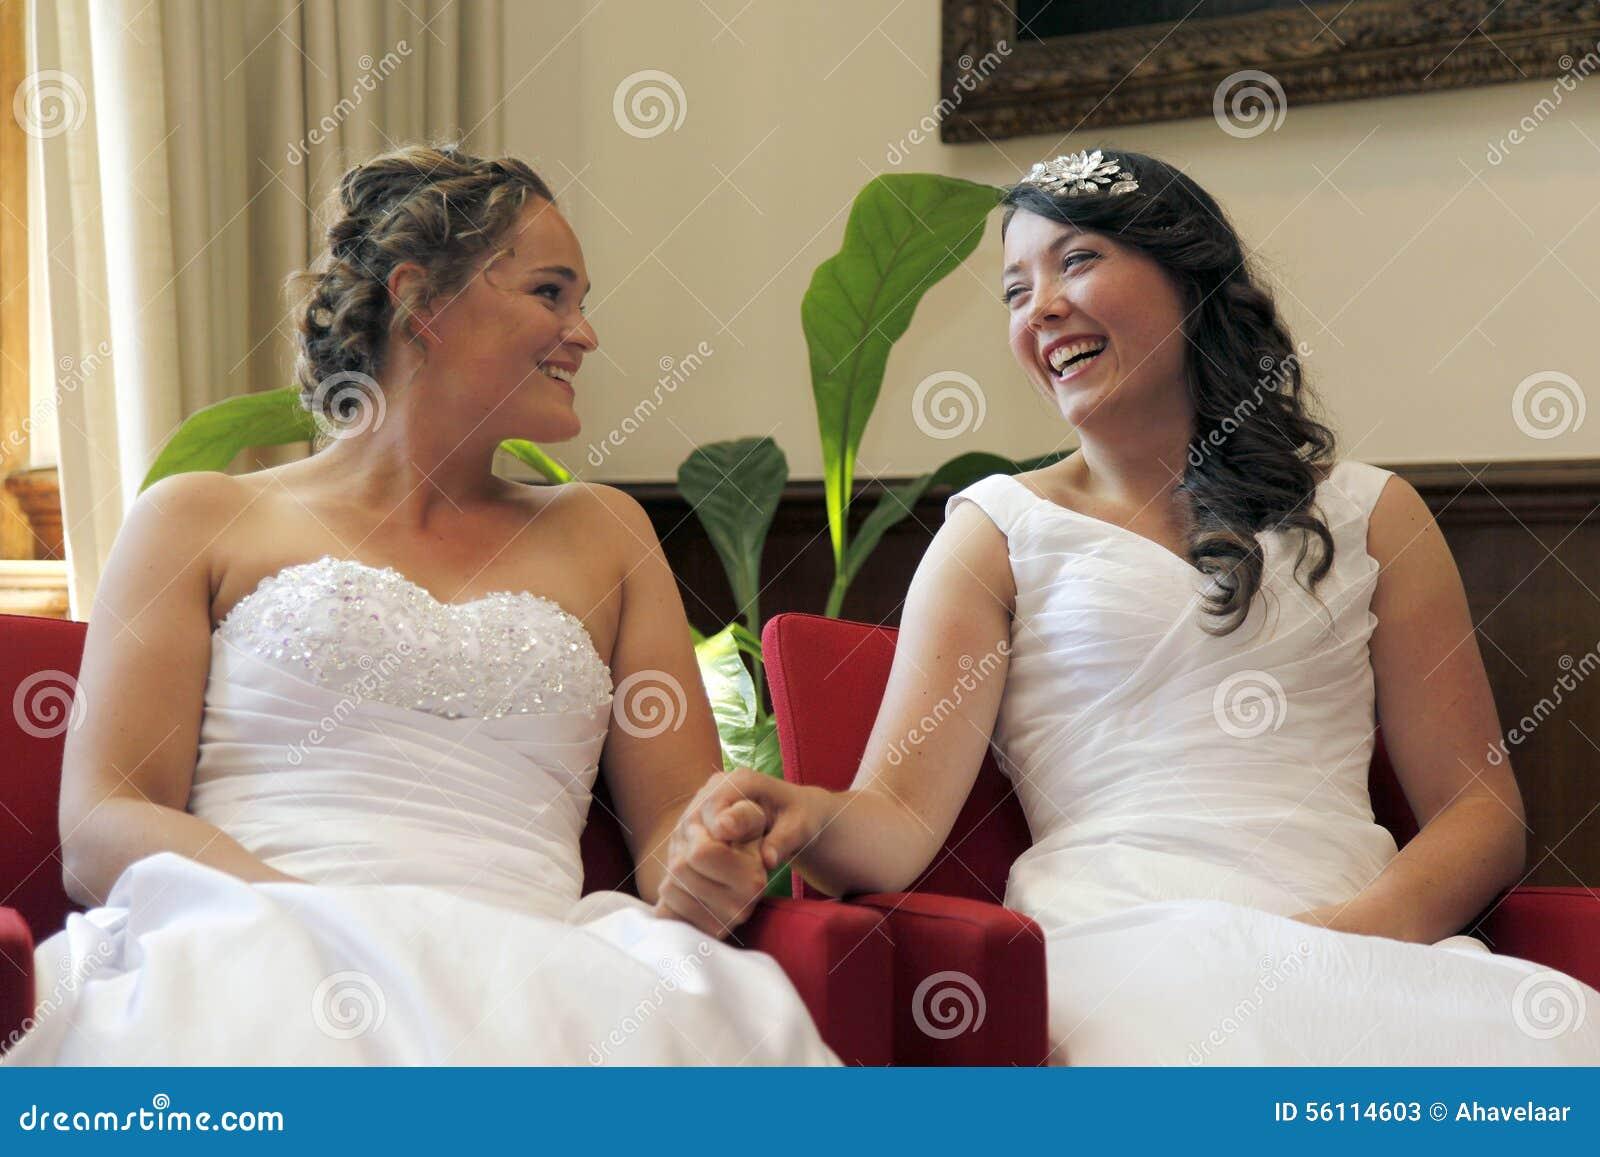 Русская группавуха с невестой, Секс с невестами: смотреть порно видео онлайн бесплатно 23 фотография